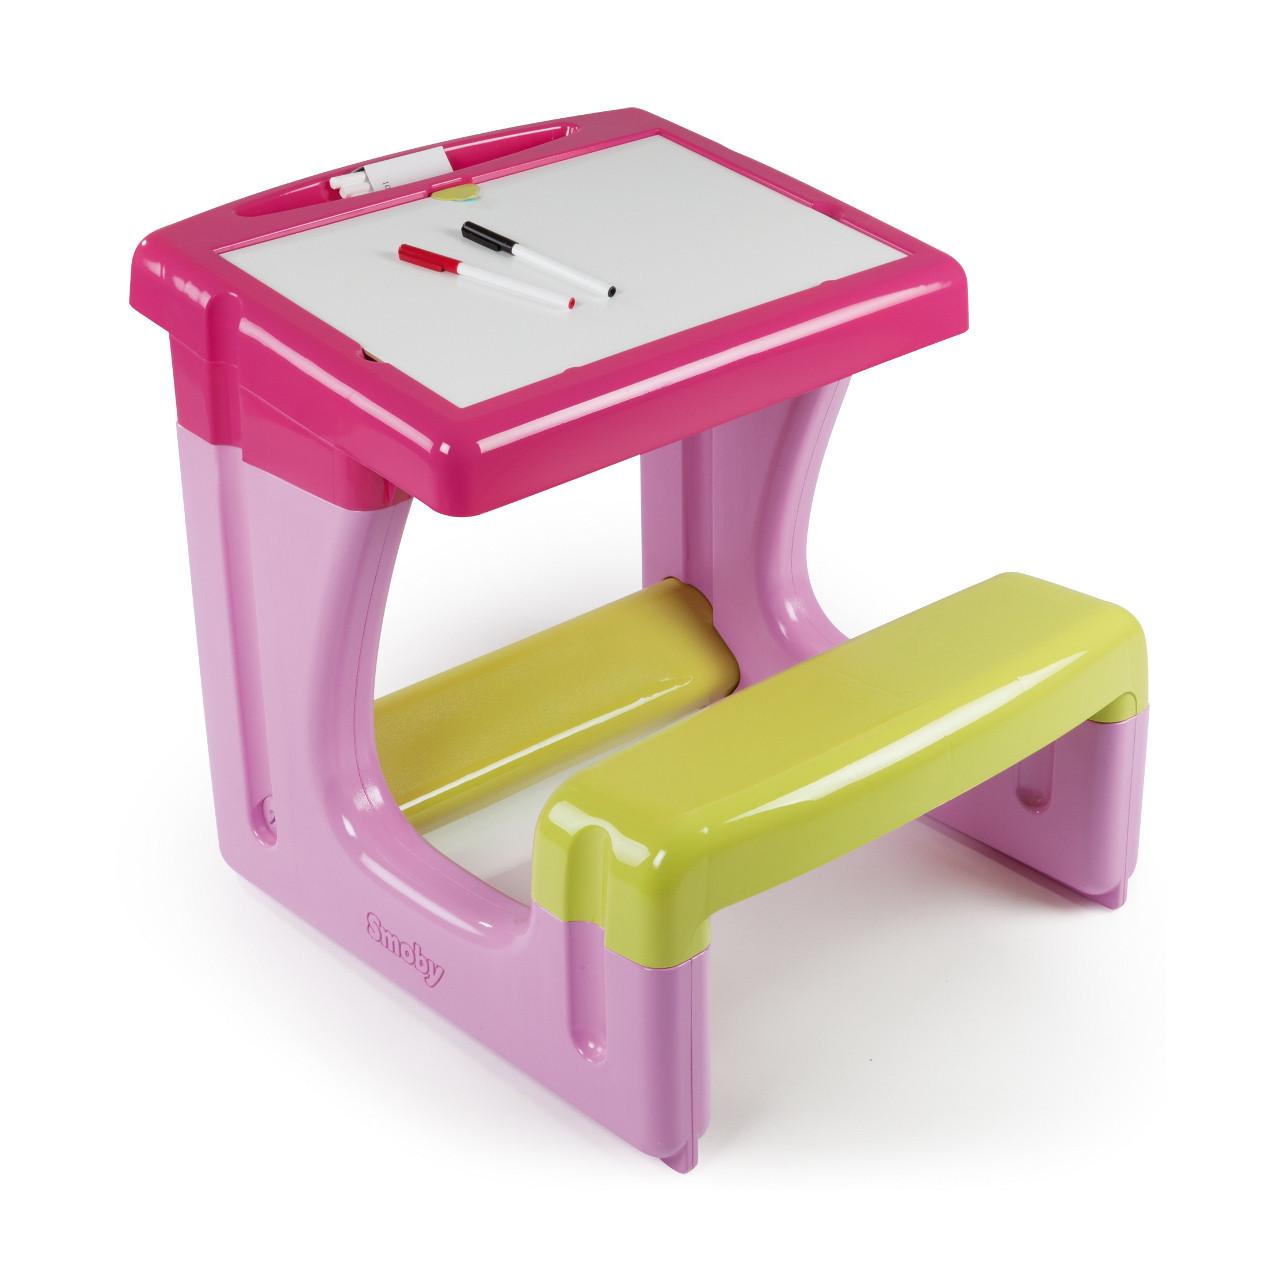 """Творчество и рукоделие «Smoby» (28006) парта с двухсторонней доской для рисования """"Pink"""" """"Маленький школьник"""", 7 аксессуаров, 70x58x54 см"""